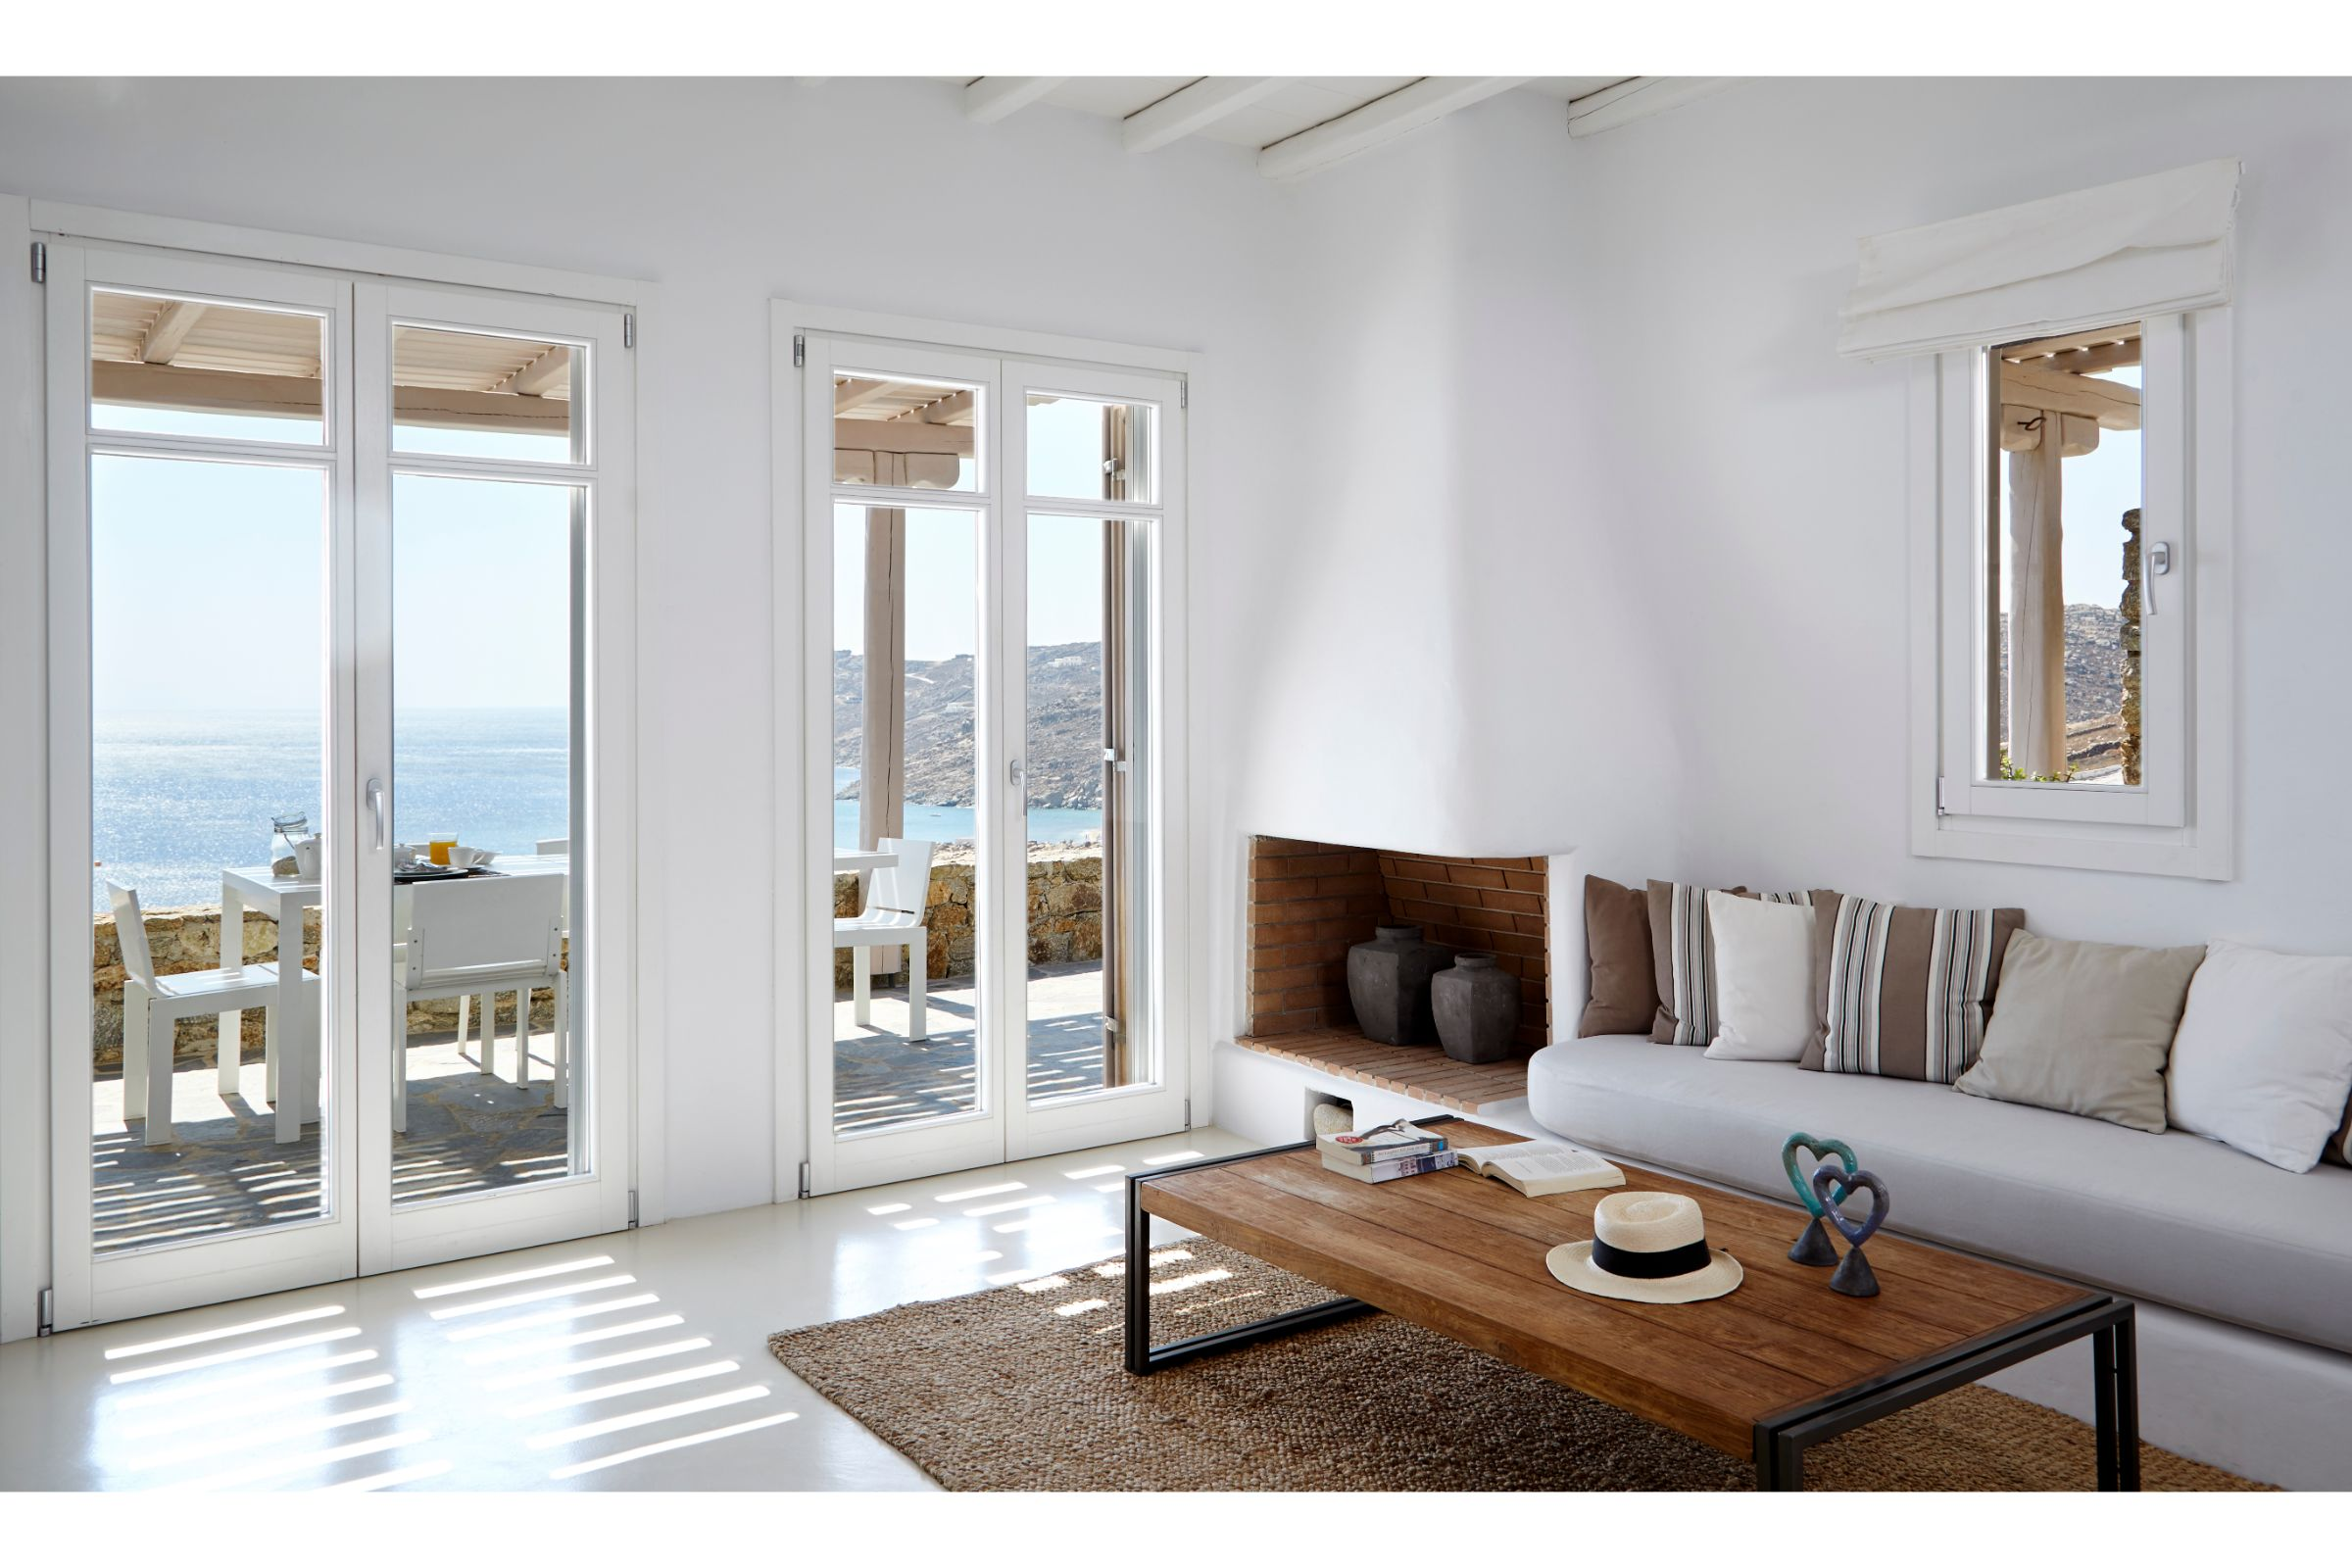 villa geni elia lounge